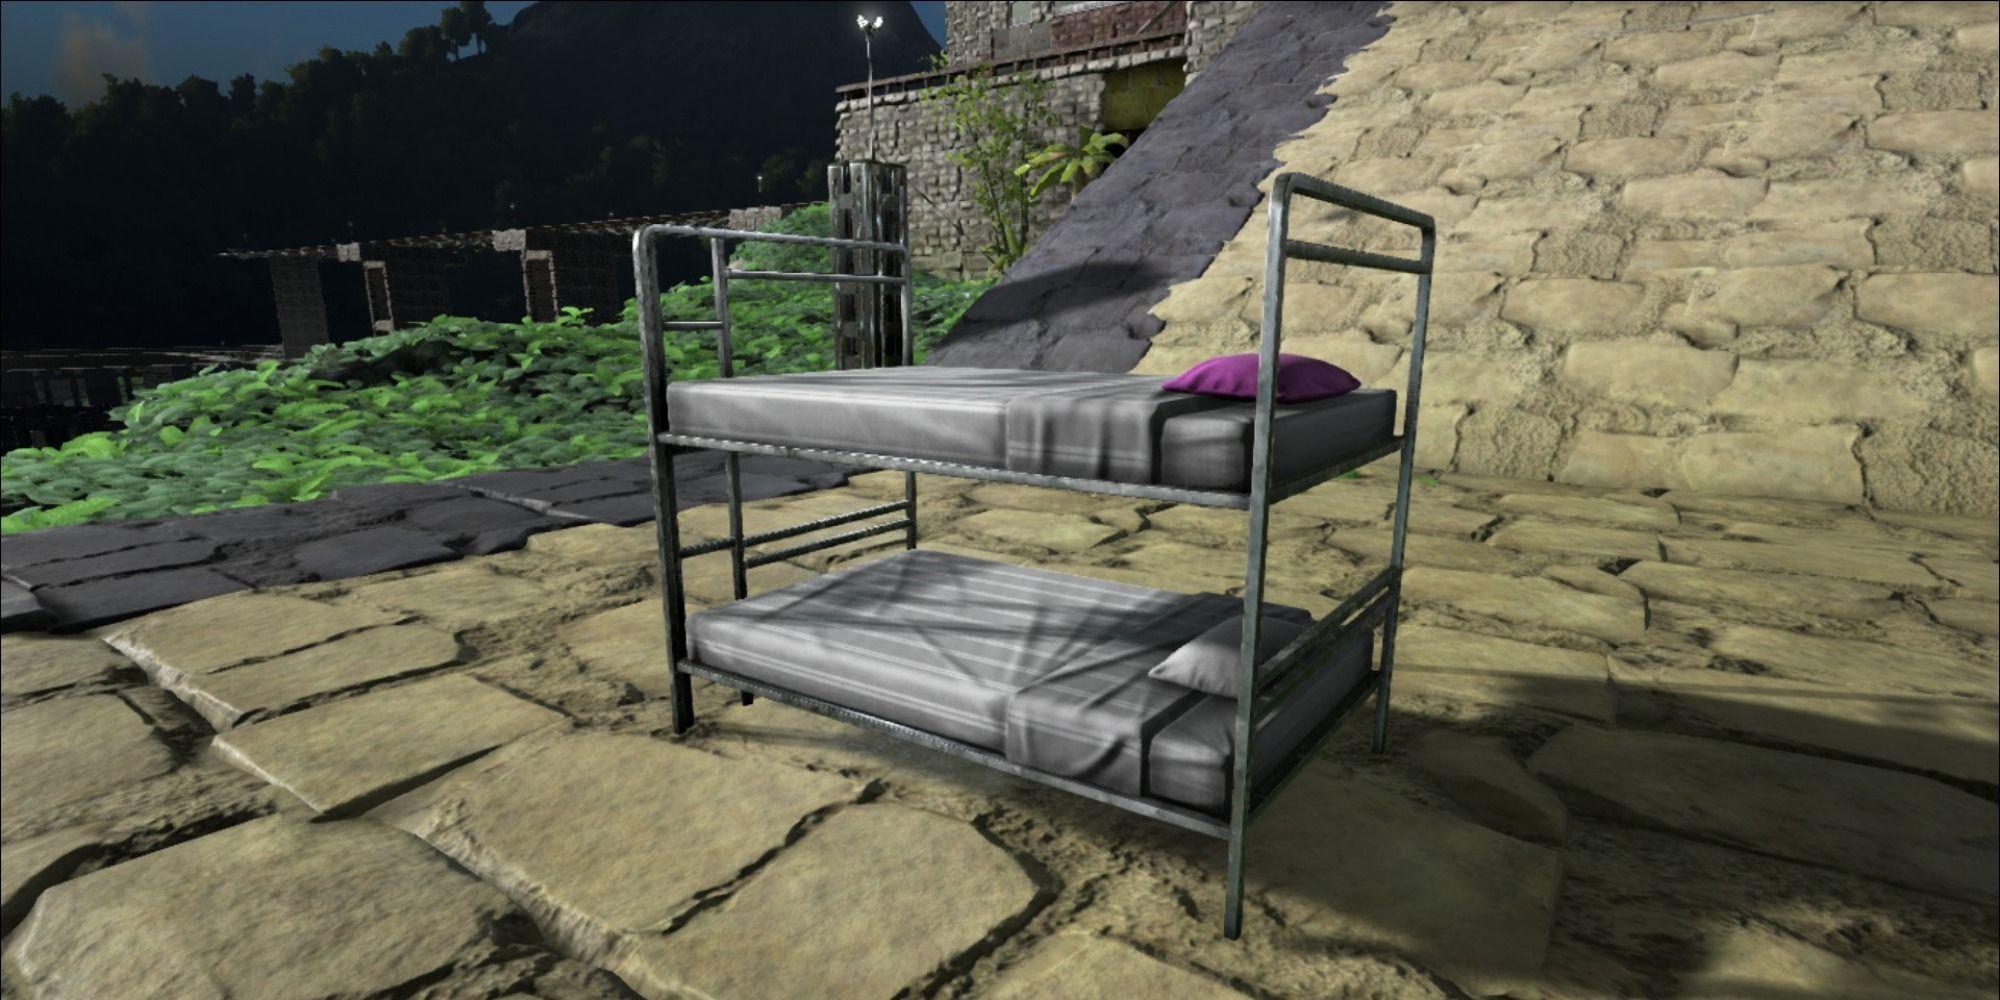 ark-survival-evolved-beds